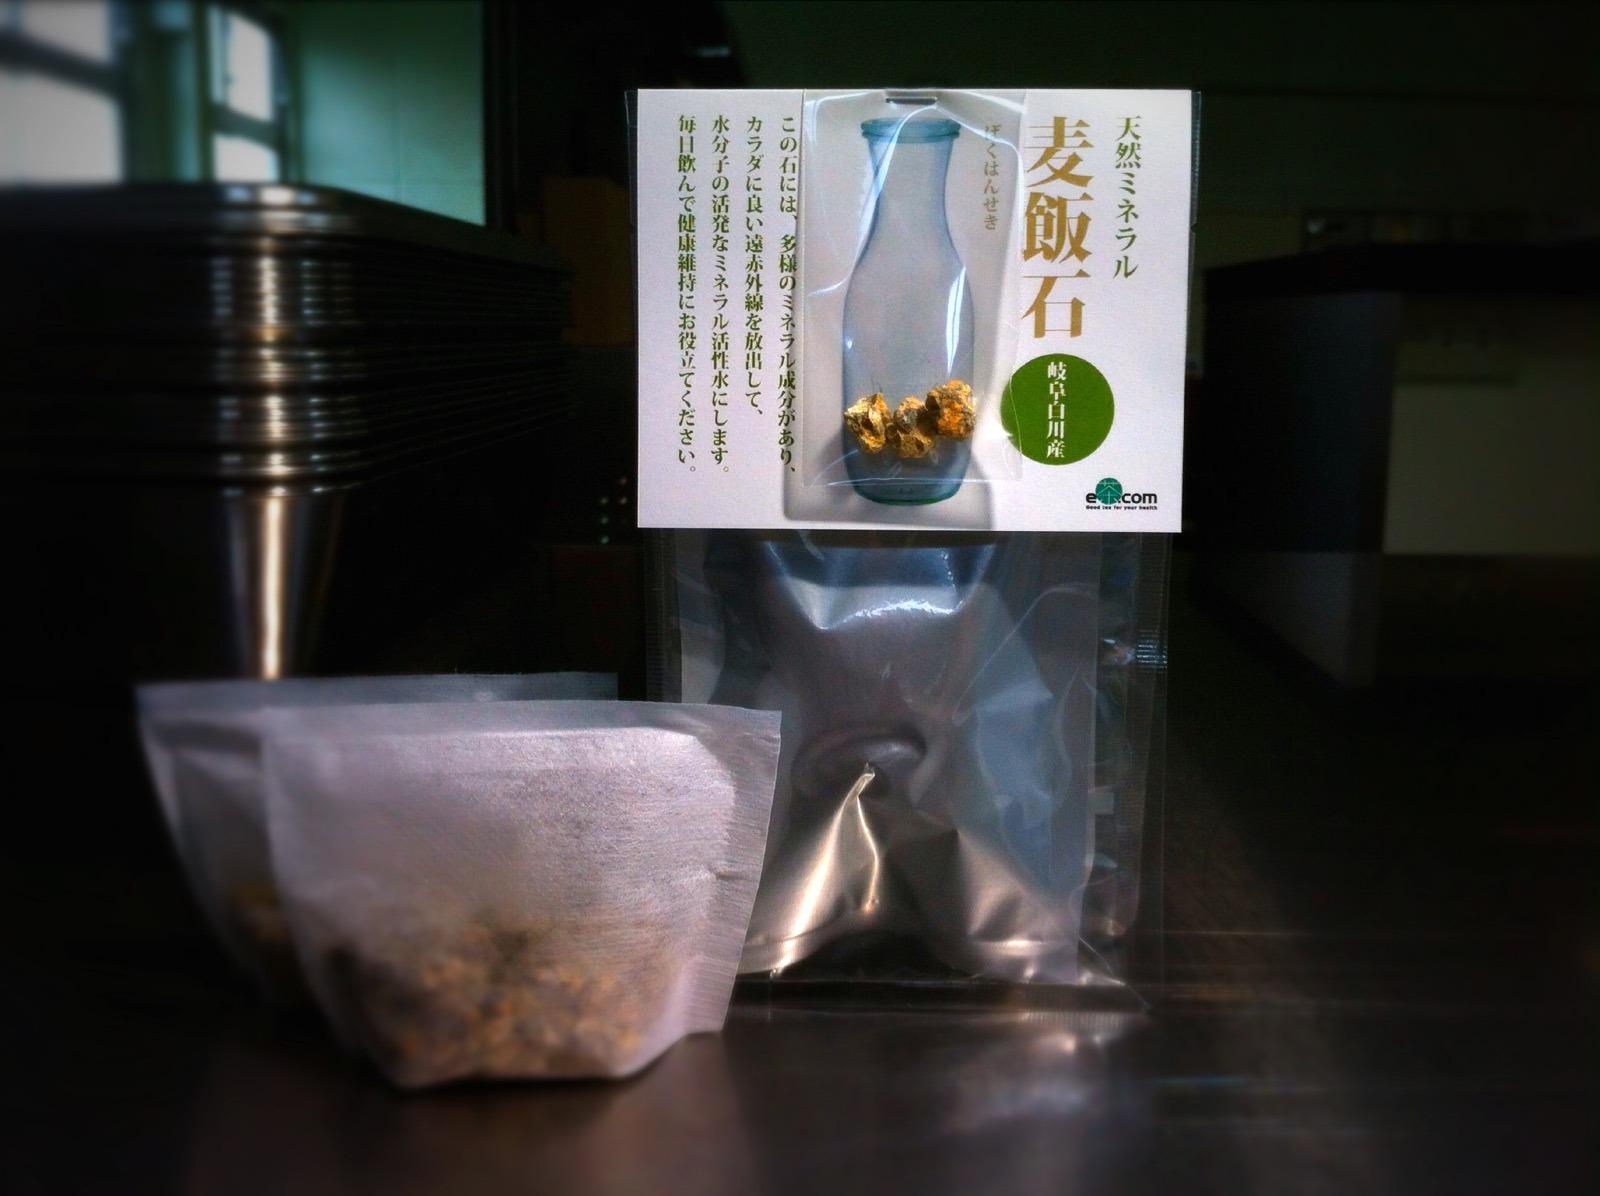 天然ミネラル麦飯石10袋セット(シリカ含有)